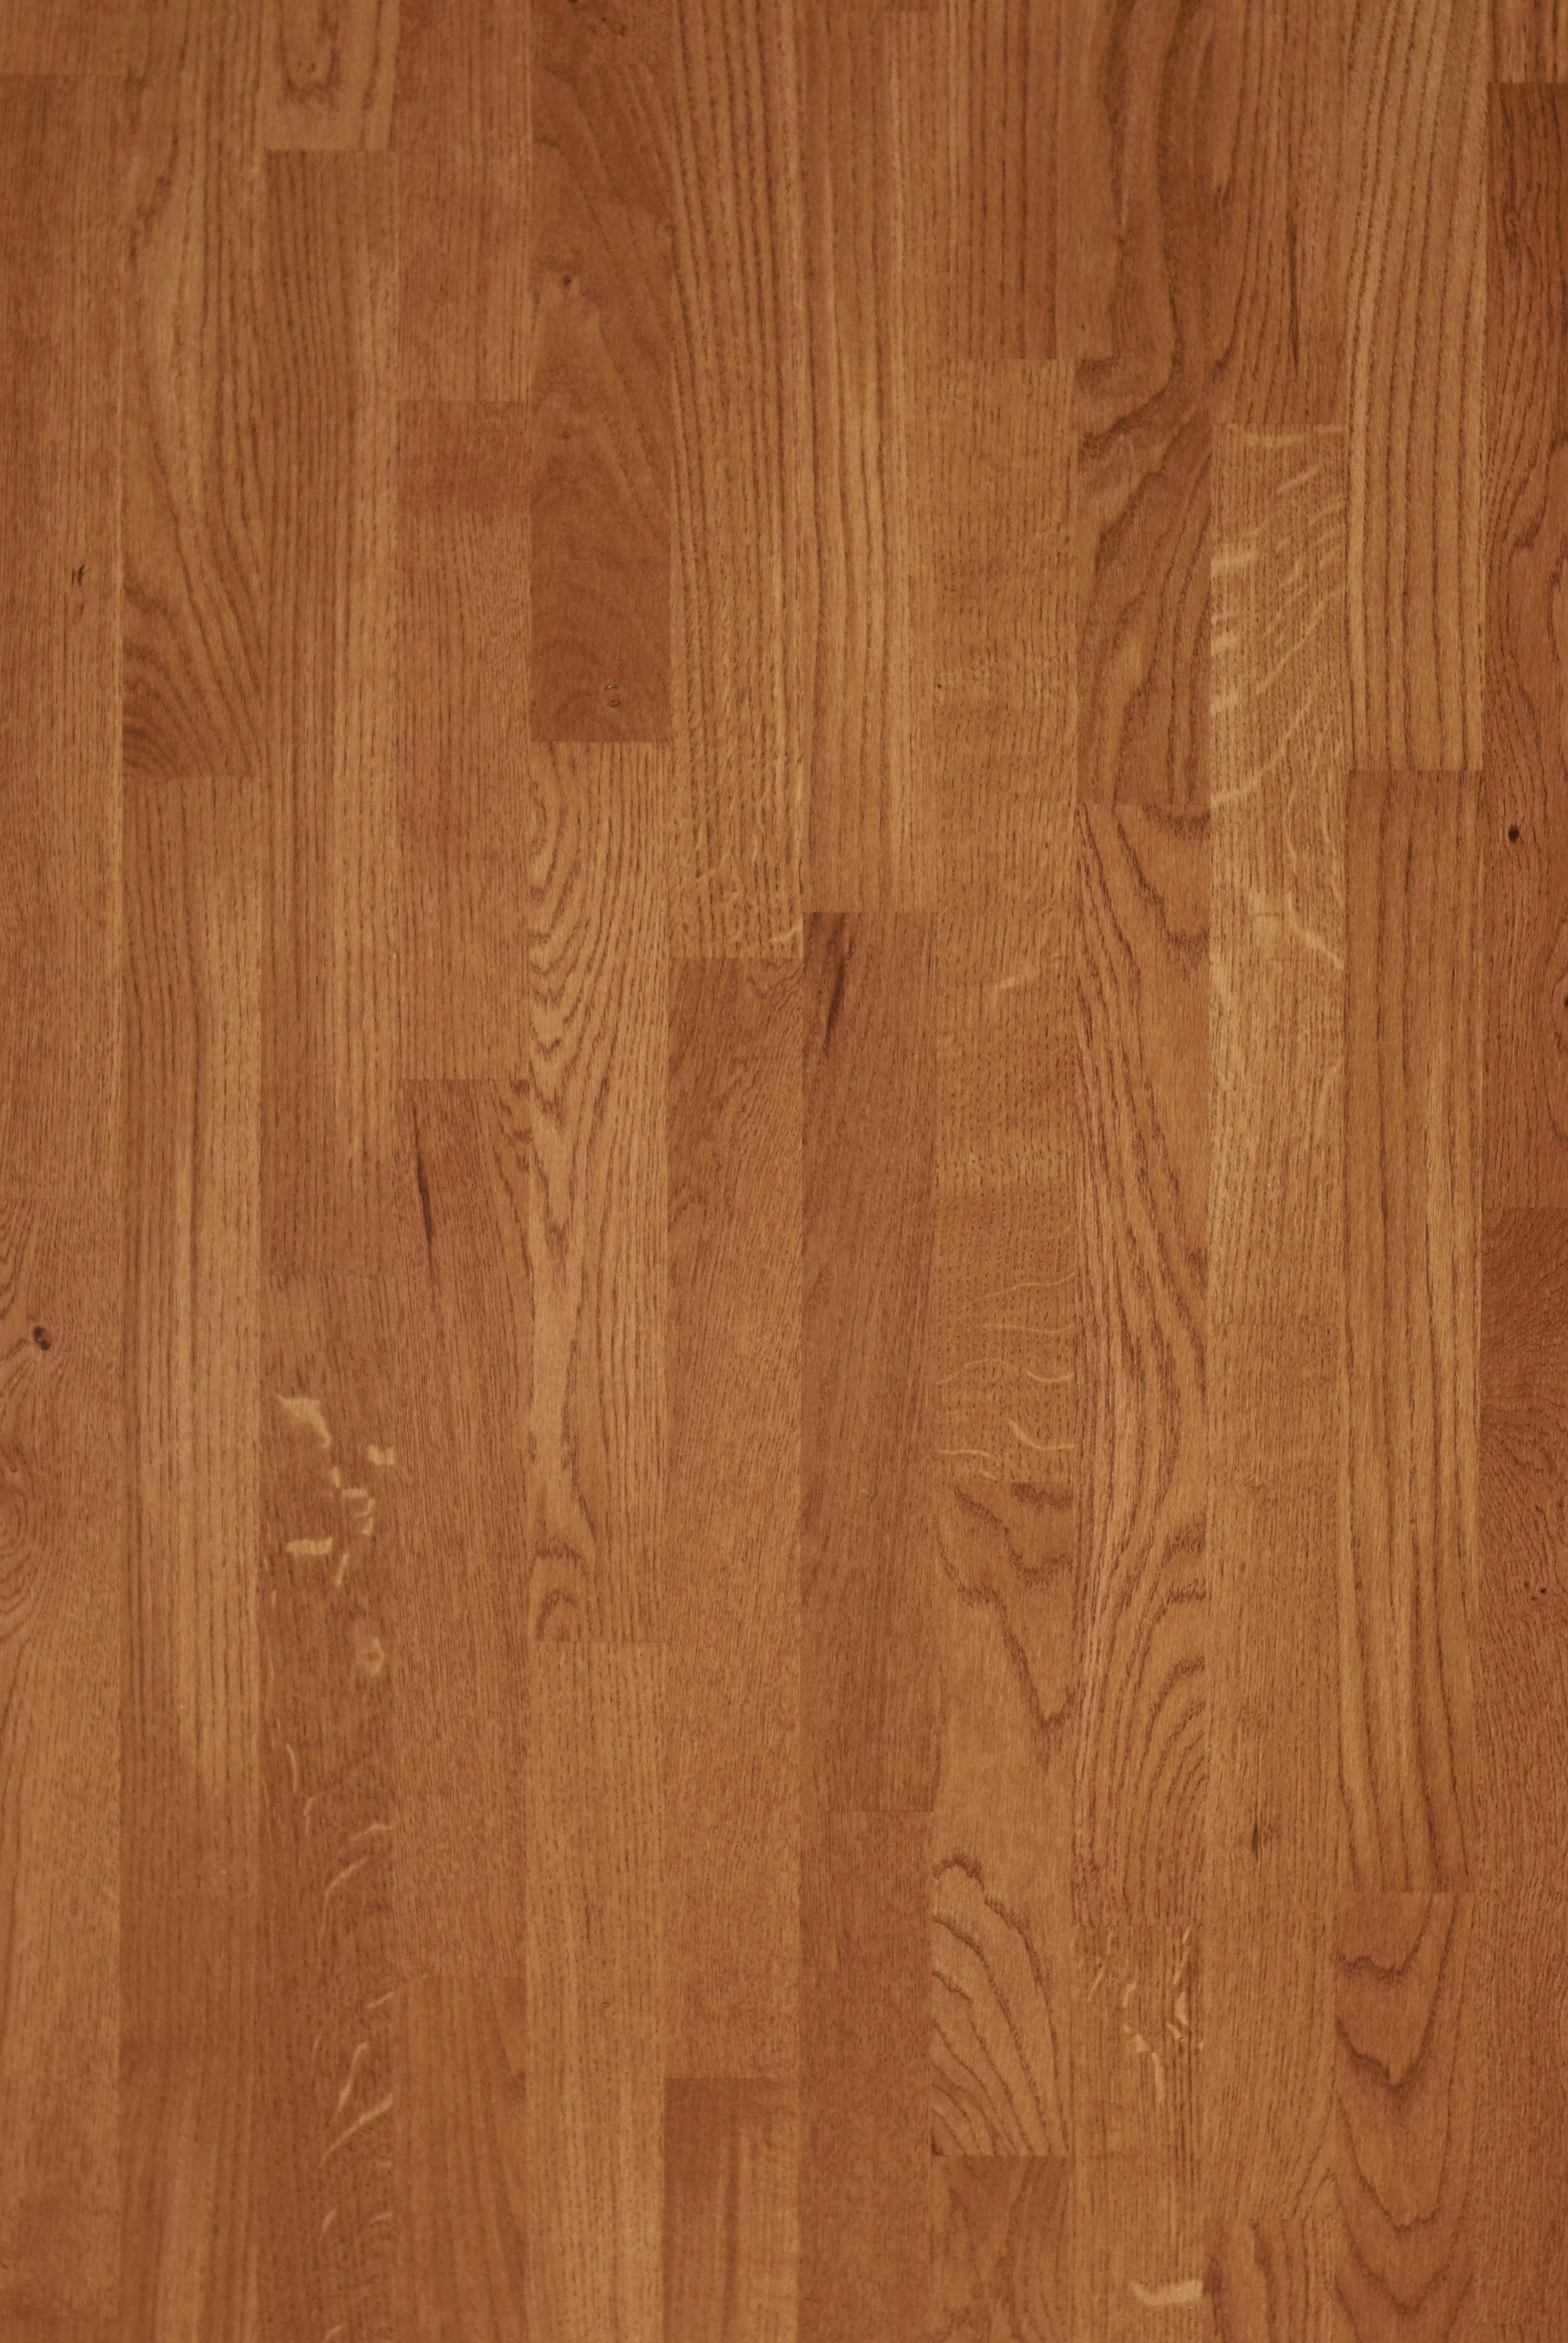 Дуб Майн Кантри Глянц-Лак 3-пол. 14х182х2200 мм